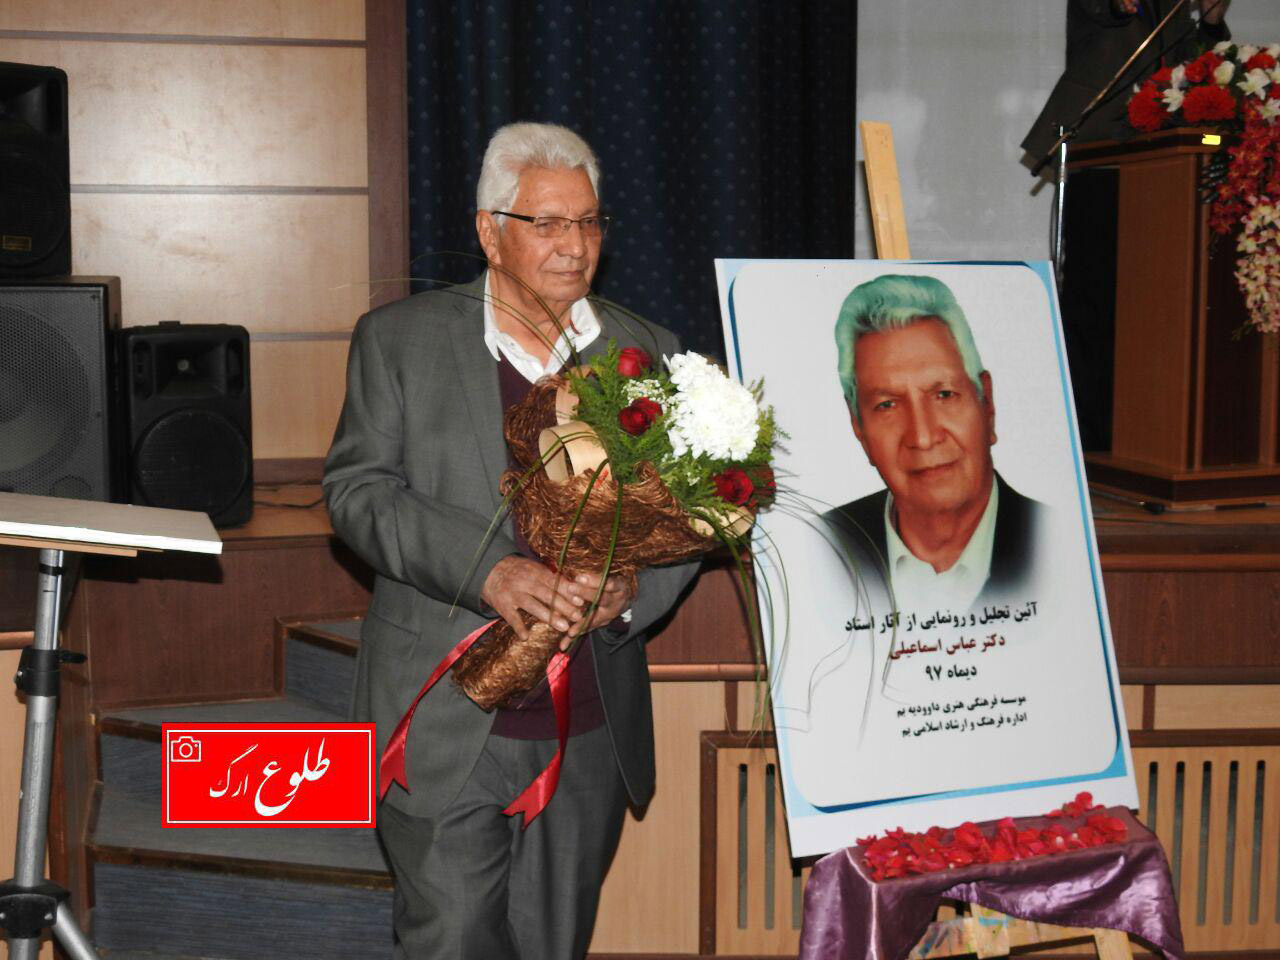 گزارش تصویری آیین گرامیداشت دکتر عباس اسماعیلی (حکیم) پزشک و شاعر اهل بم و رونمایی از آخرین آثار ایشان